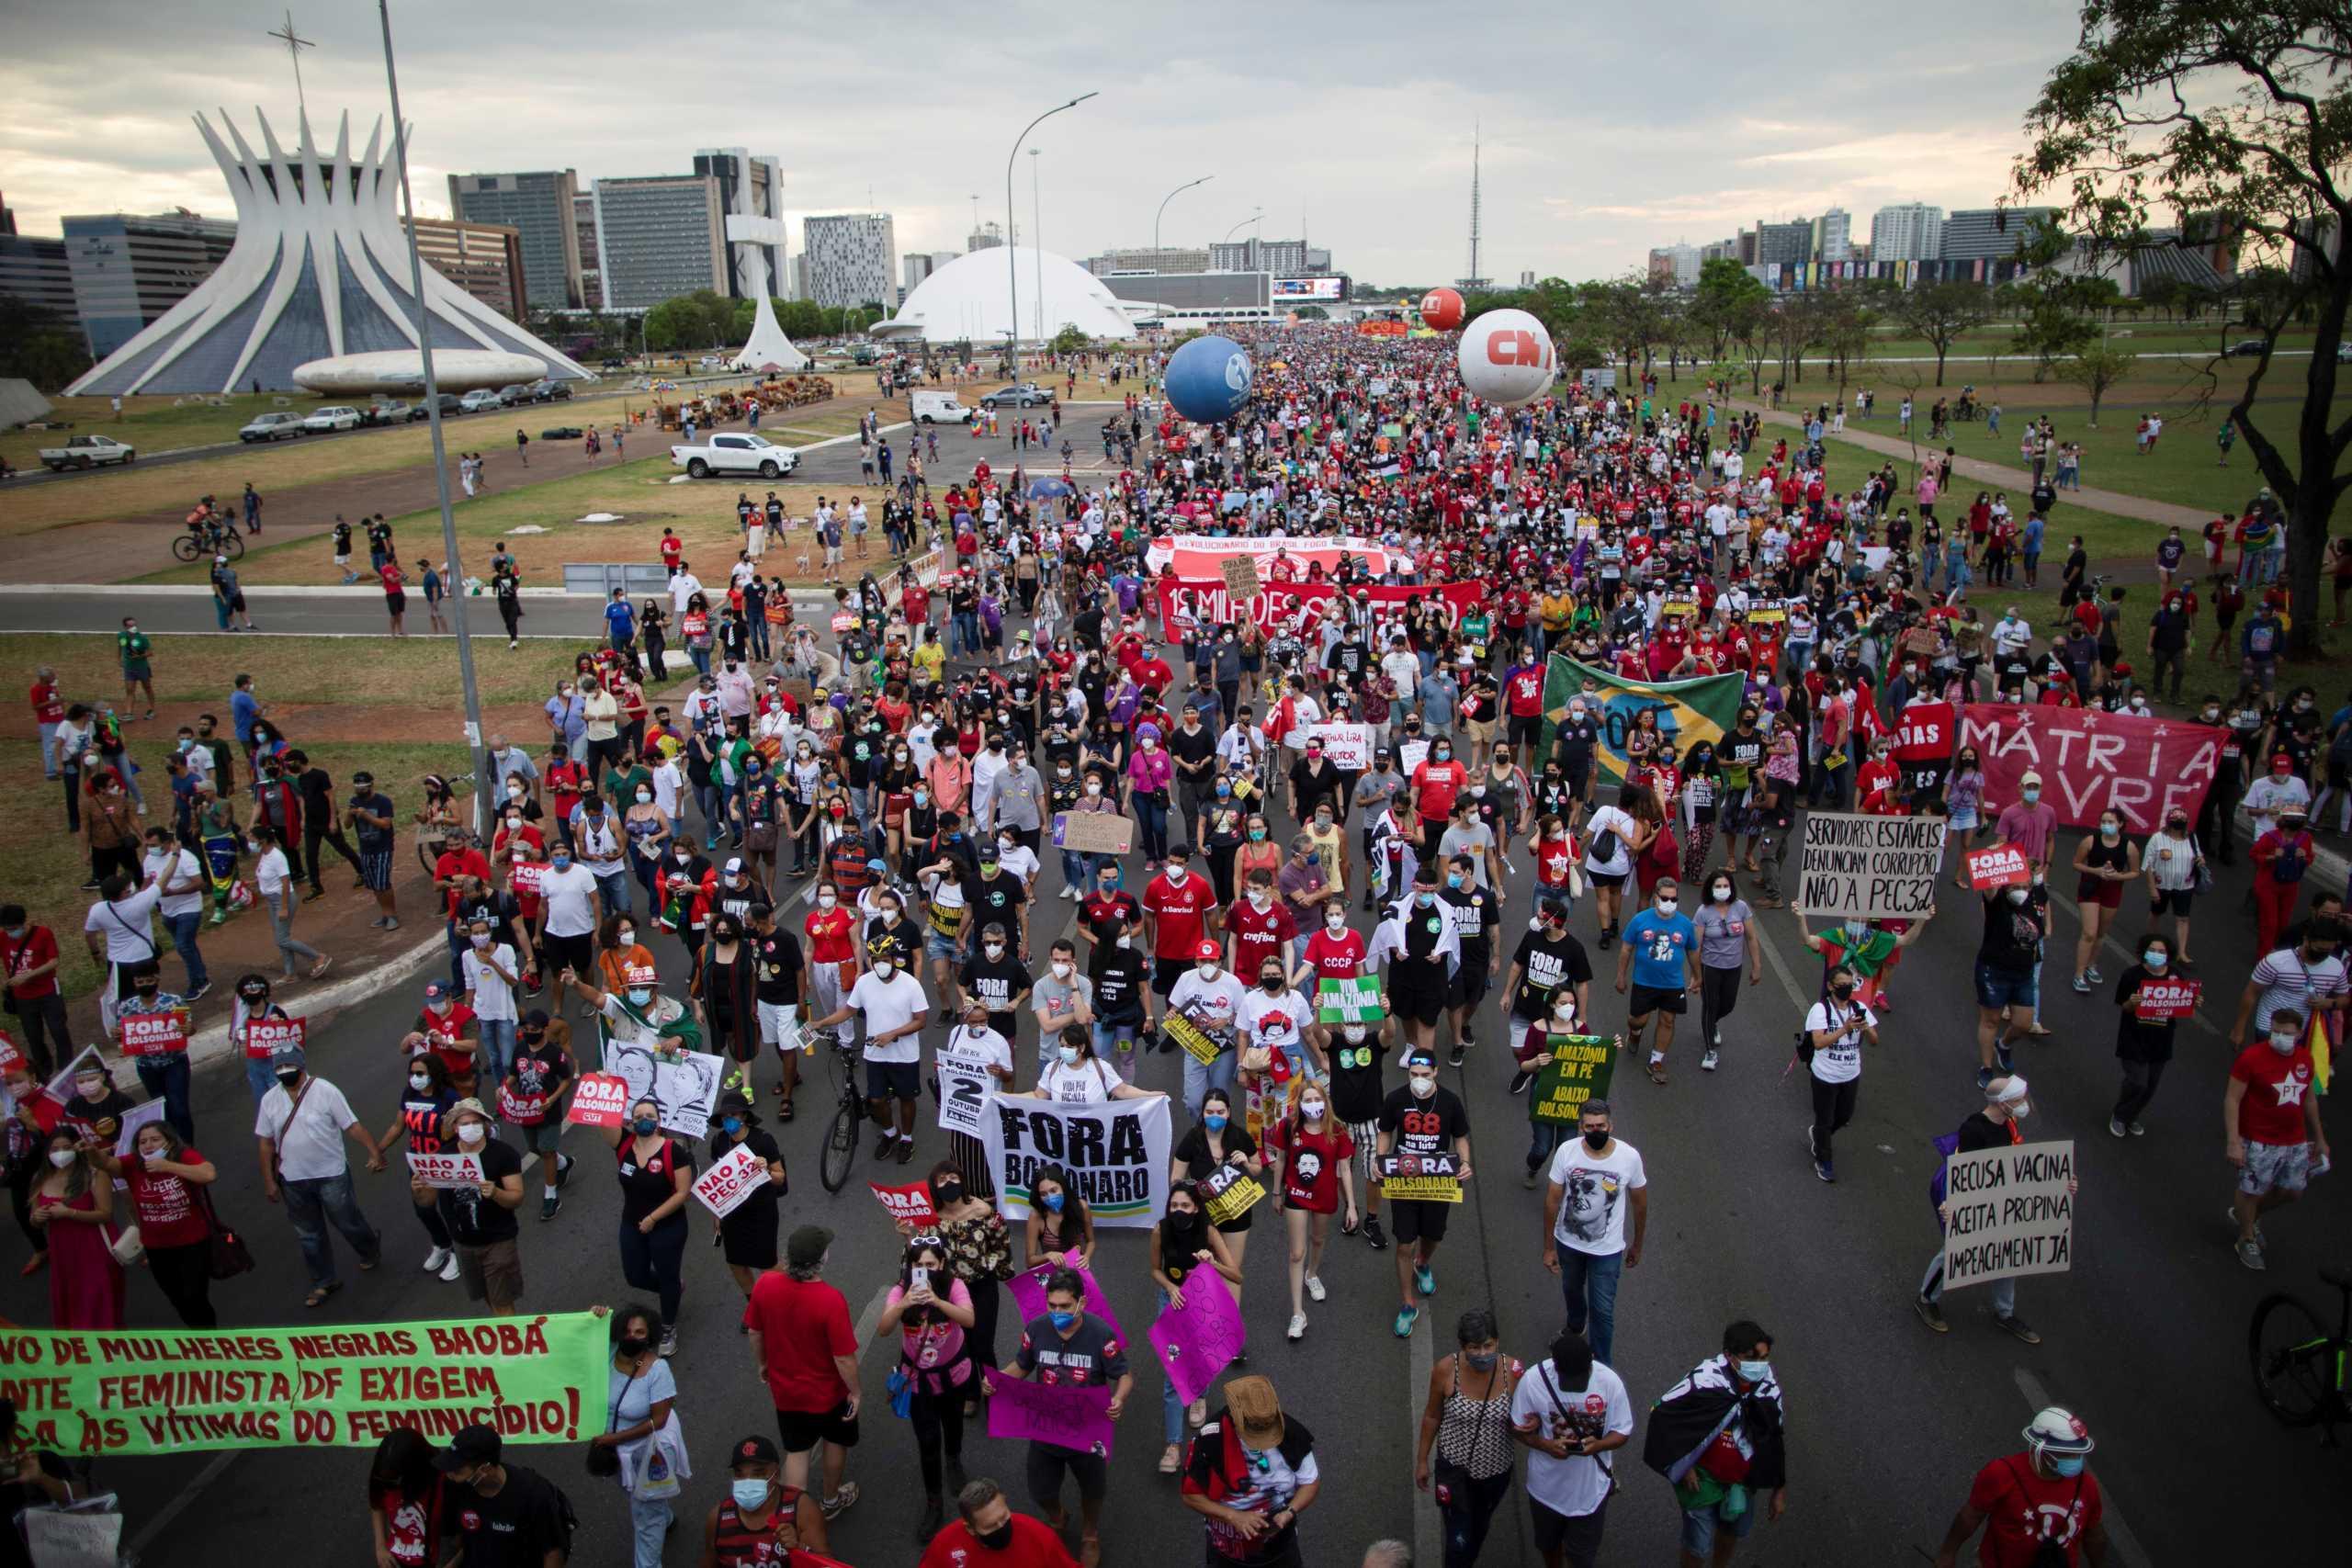 Βραζιλία: Στους δρόμους κατά του Ζαΐρ Μπολσονάρο χιλιάδες διαδηλωτές